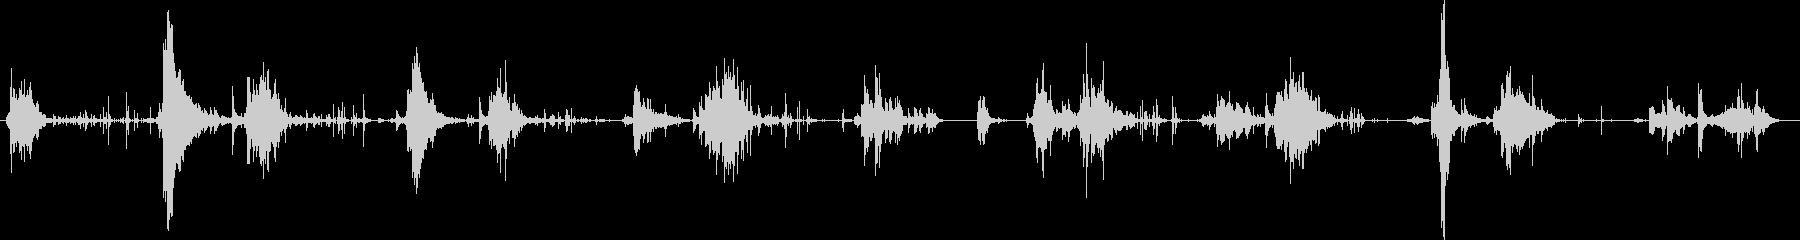 金属シャベル:一定のスクープと金属...の未再生の波形